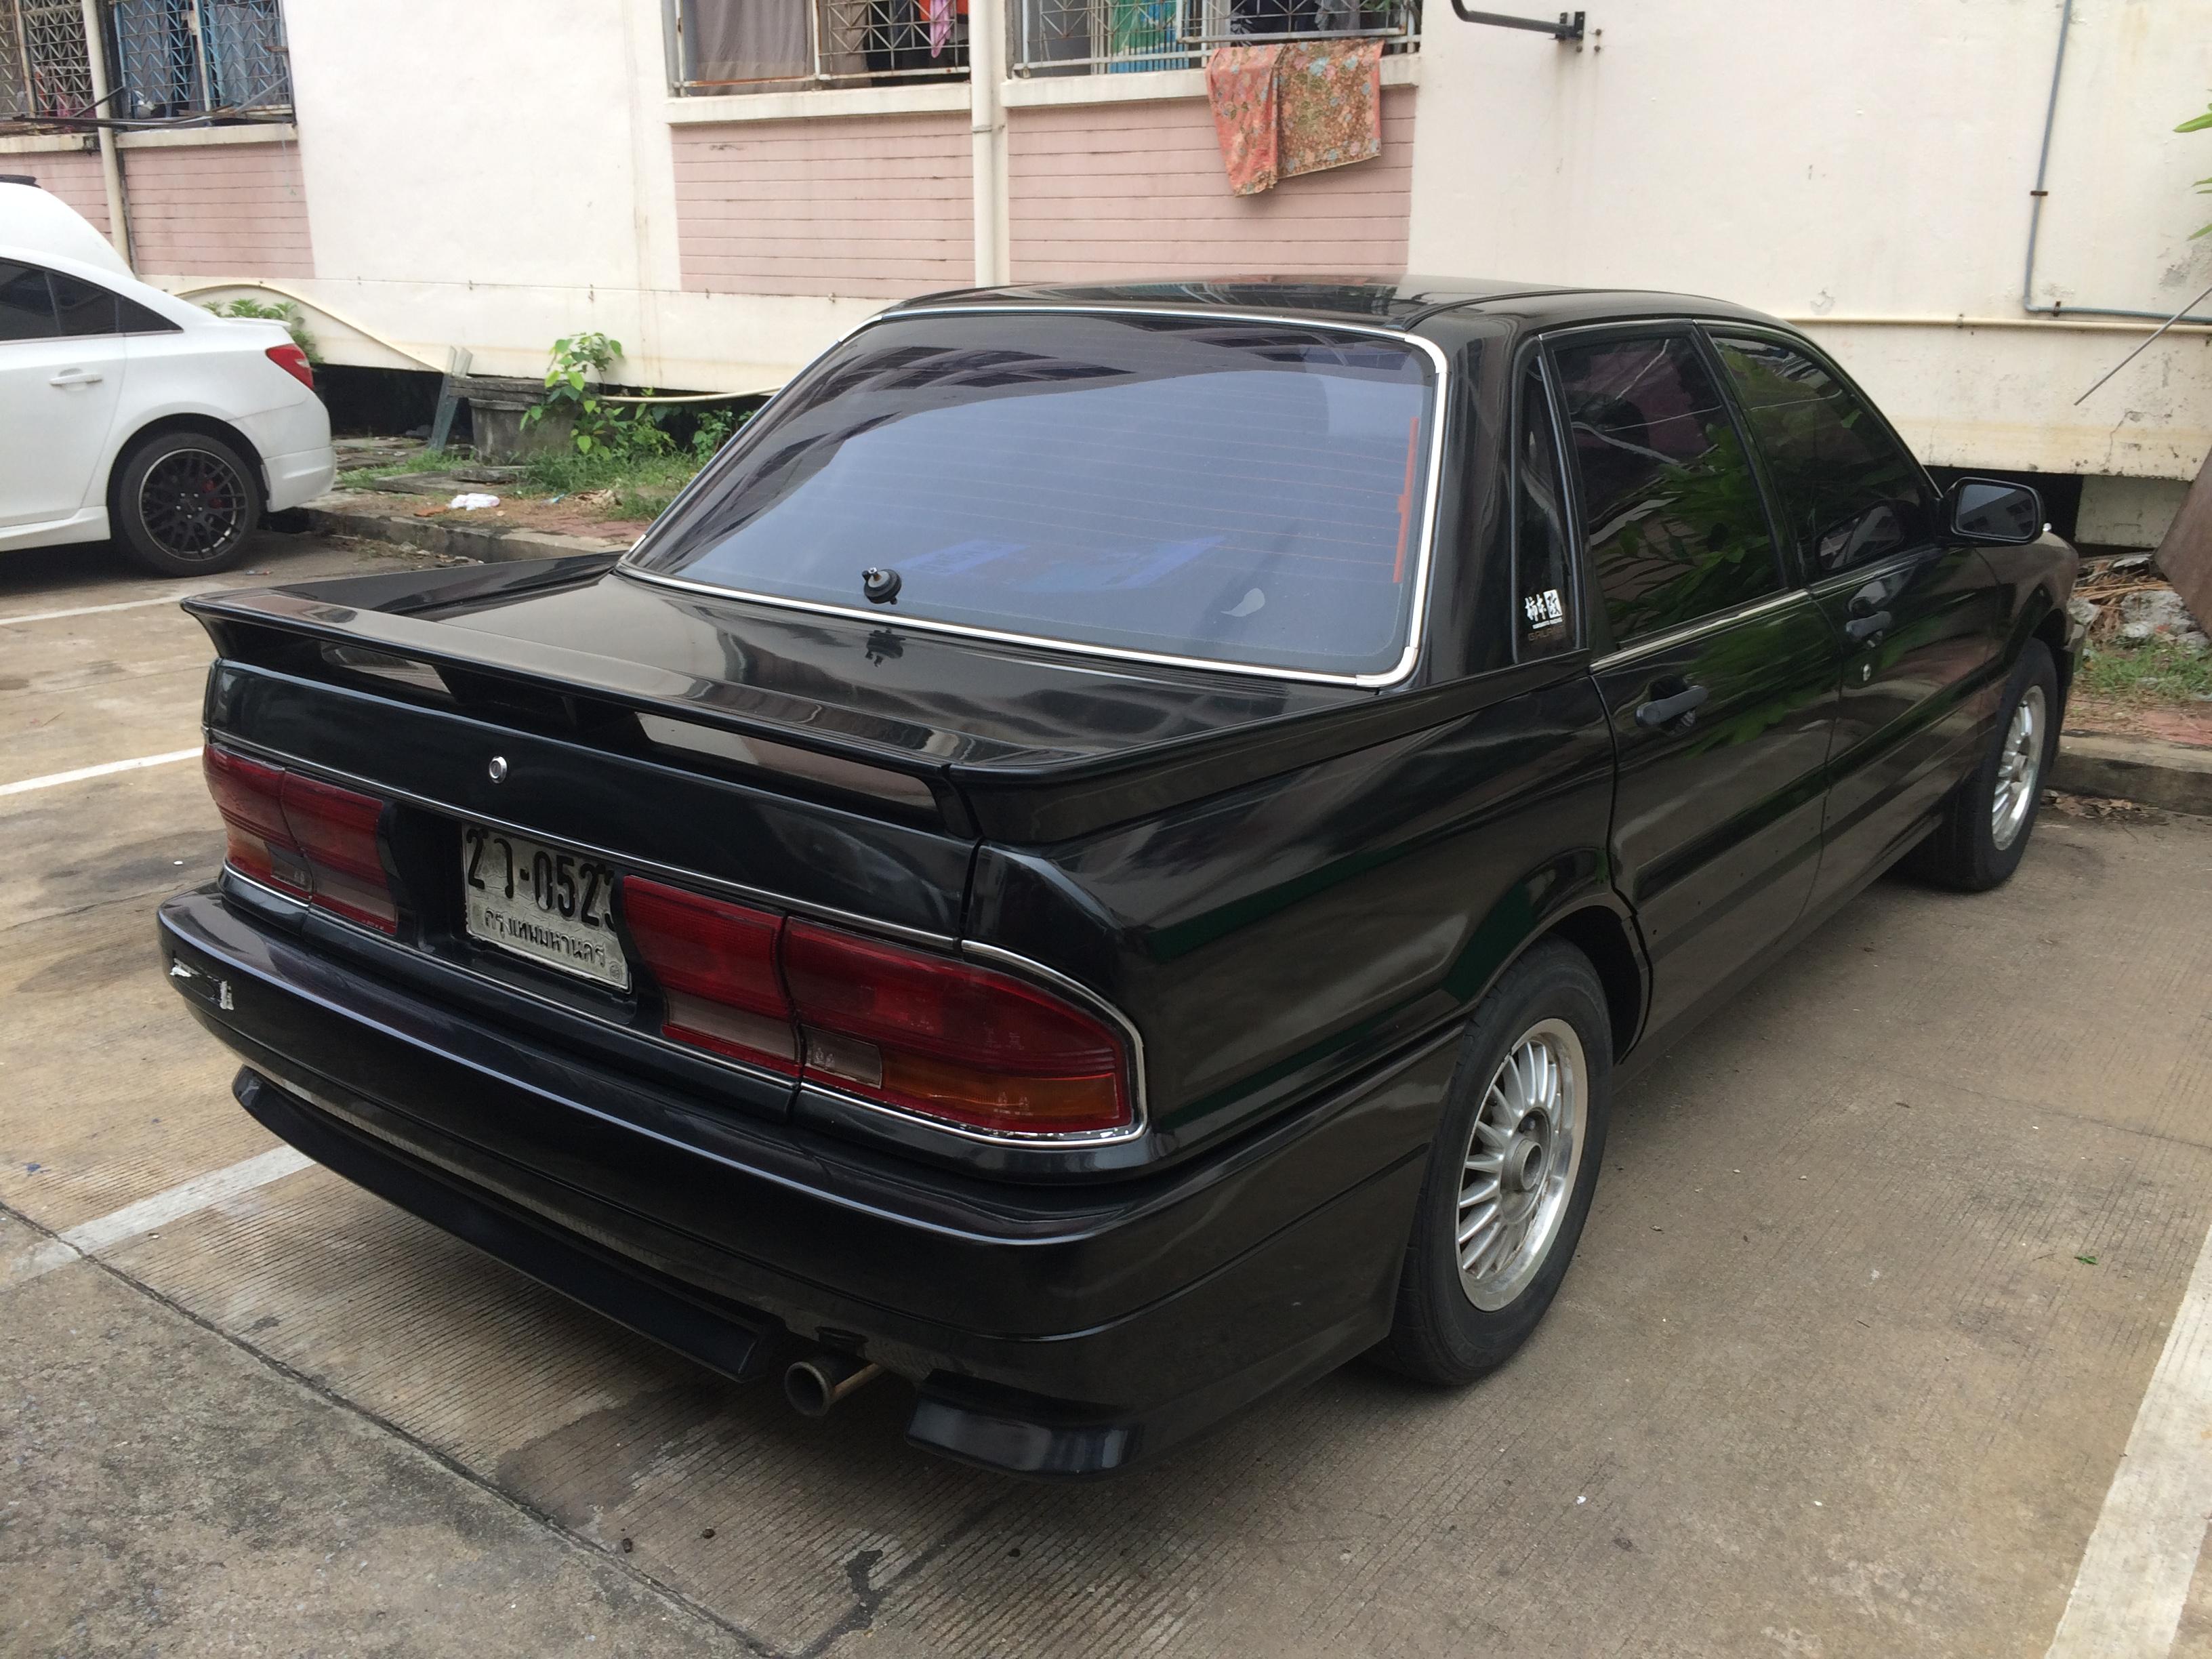 file:1989 mitsubishi galant (e-e33a) amg sedan (13-10-2017) 05